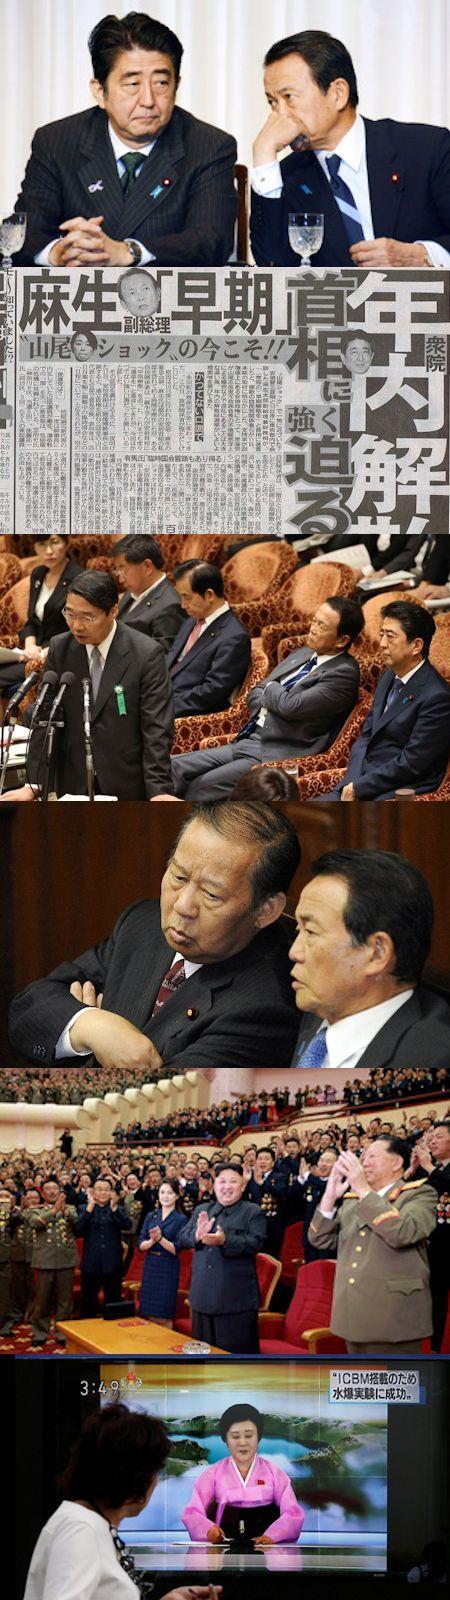 北朝鮮解散 - 北朝鮮危機を出汁にして政権延命を図る卑劣な私物化選挙_c0315619_14582586.jpg